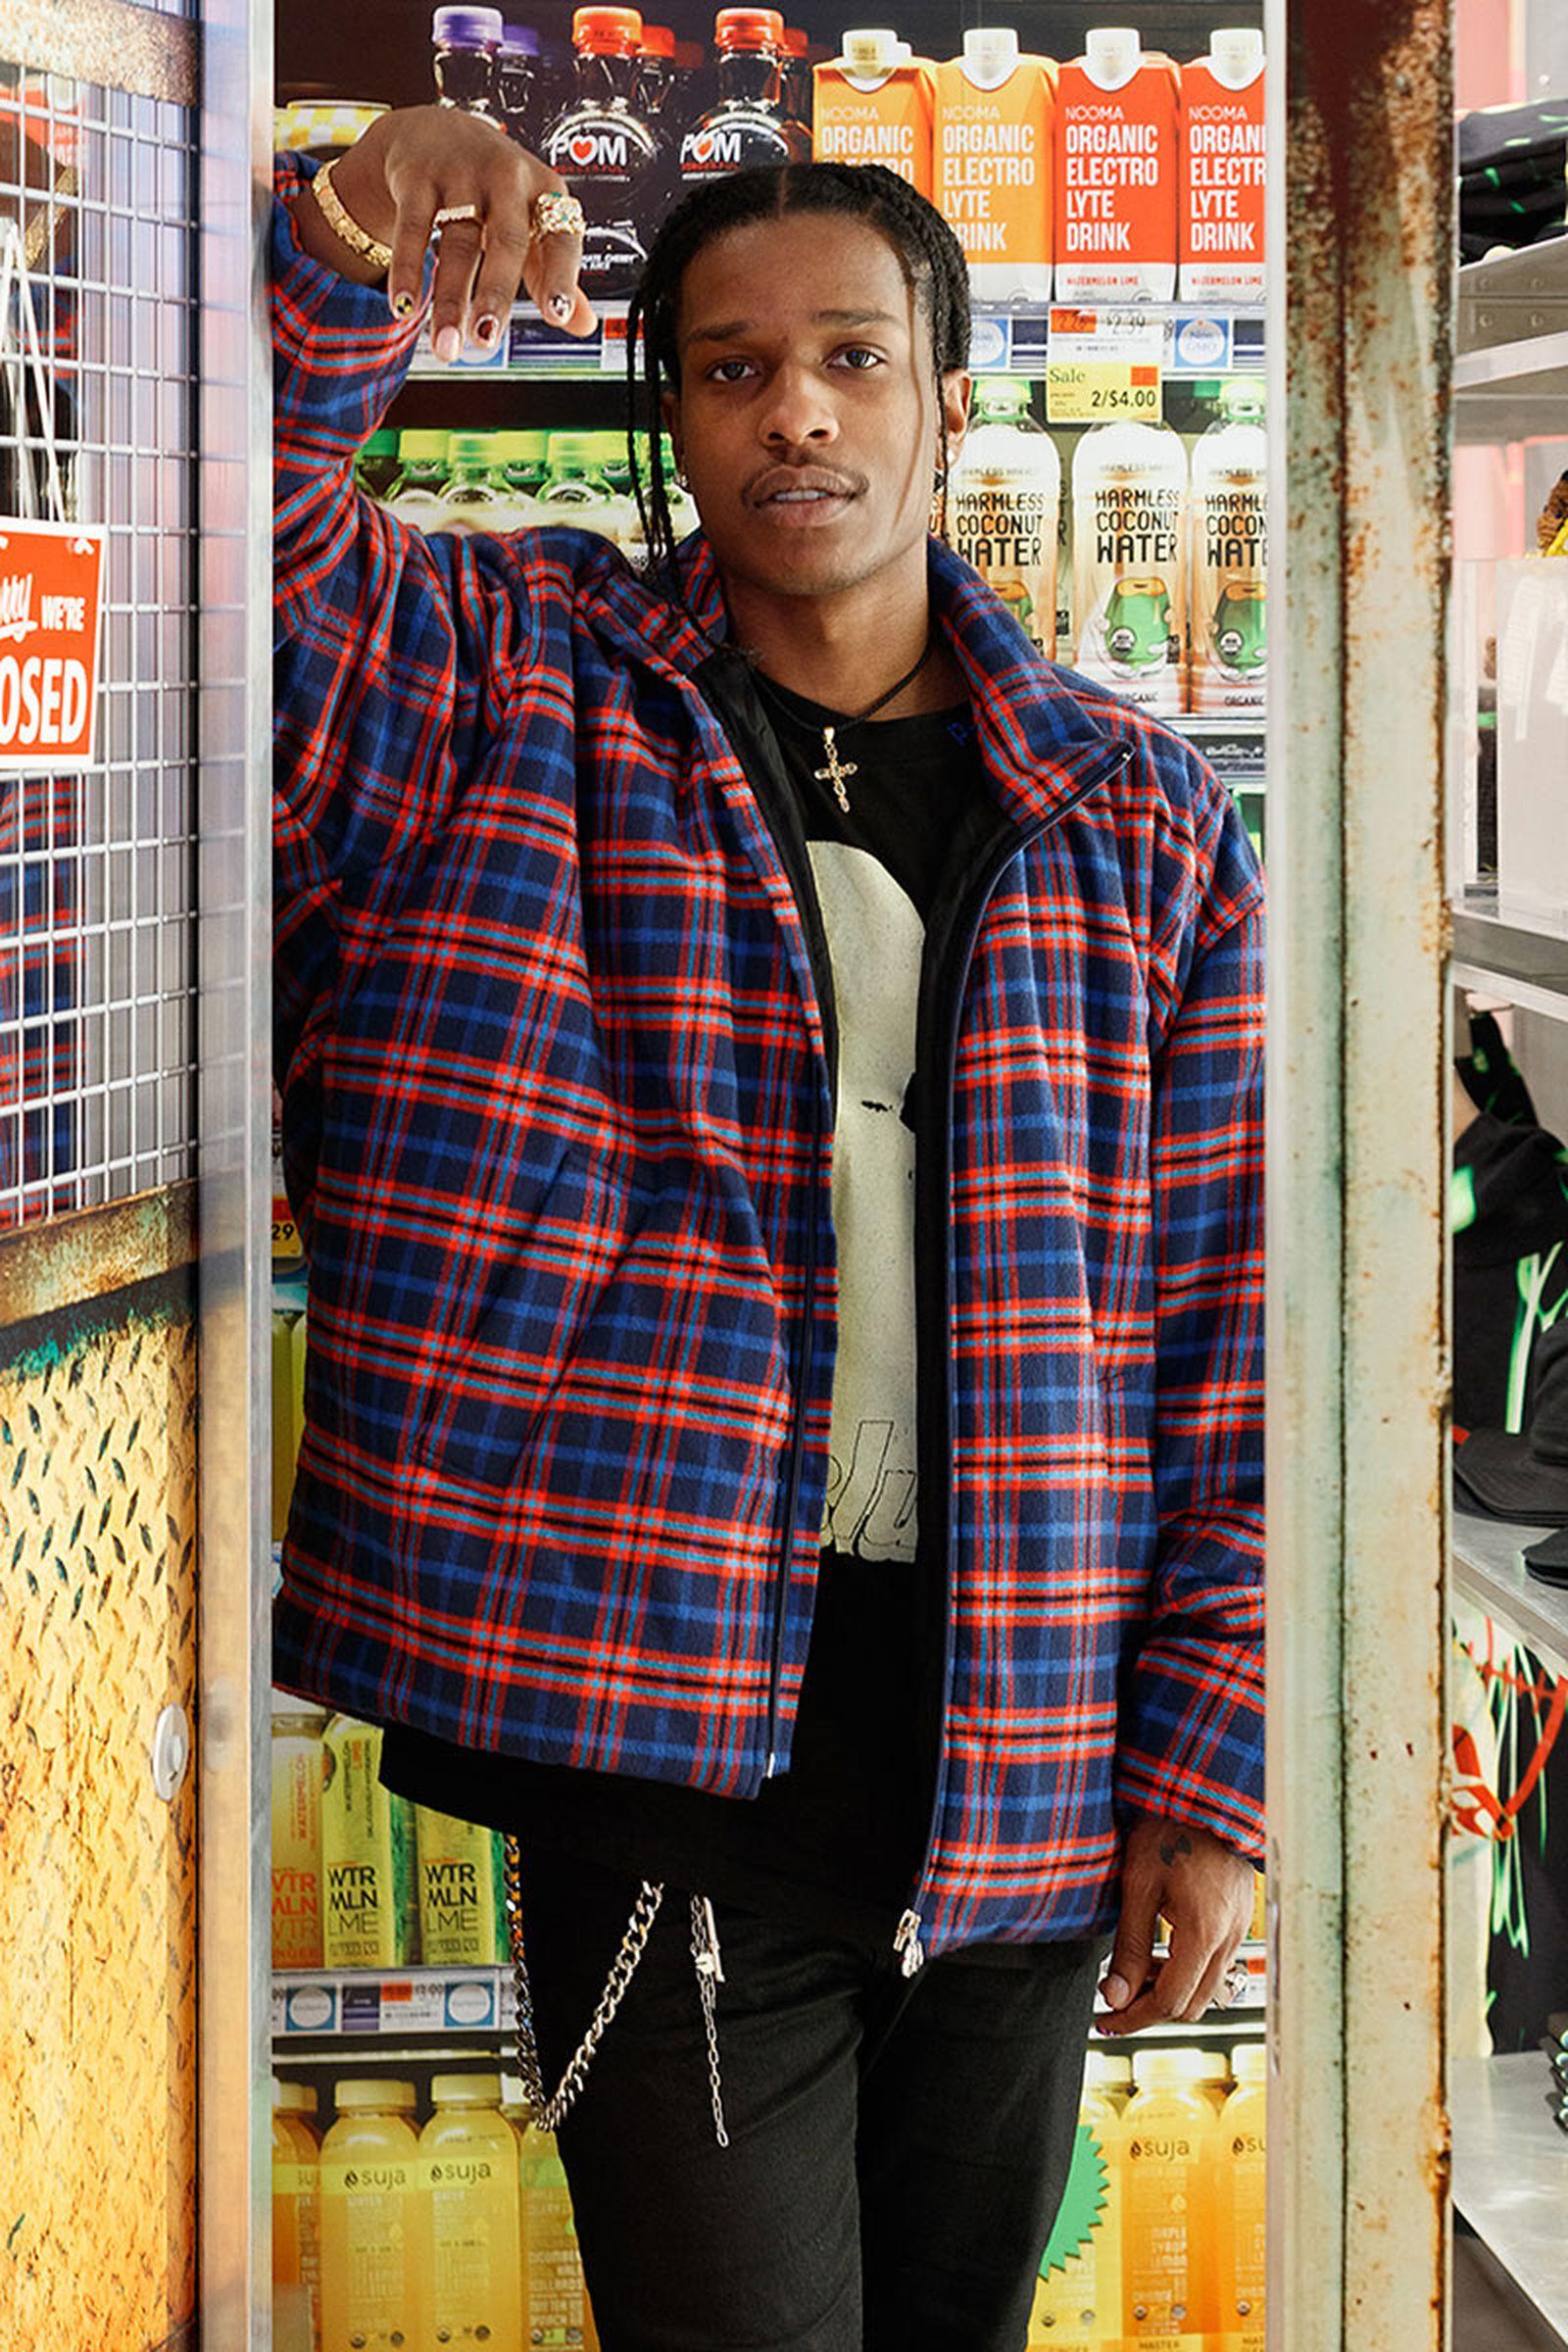 A$AP Rocky's AWGE Selfridges store